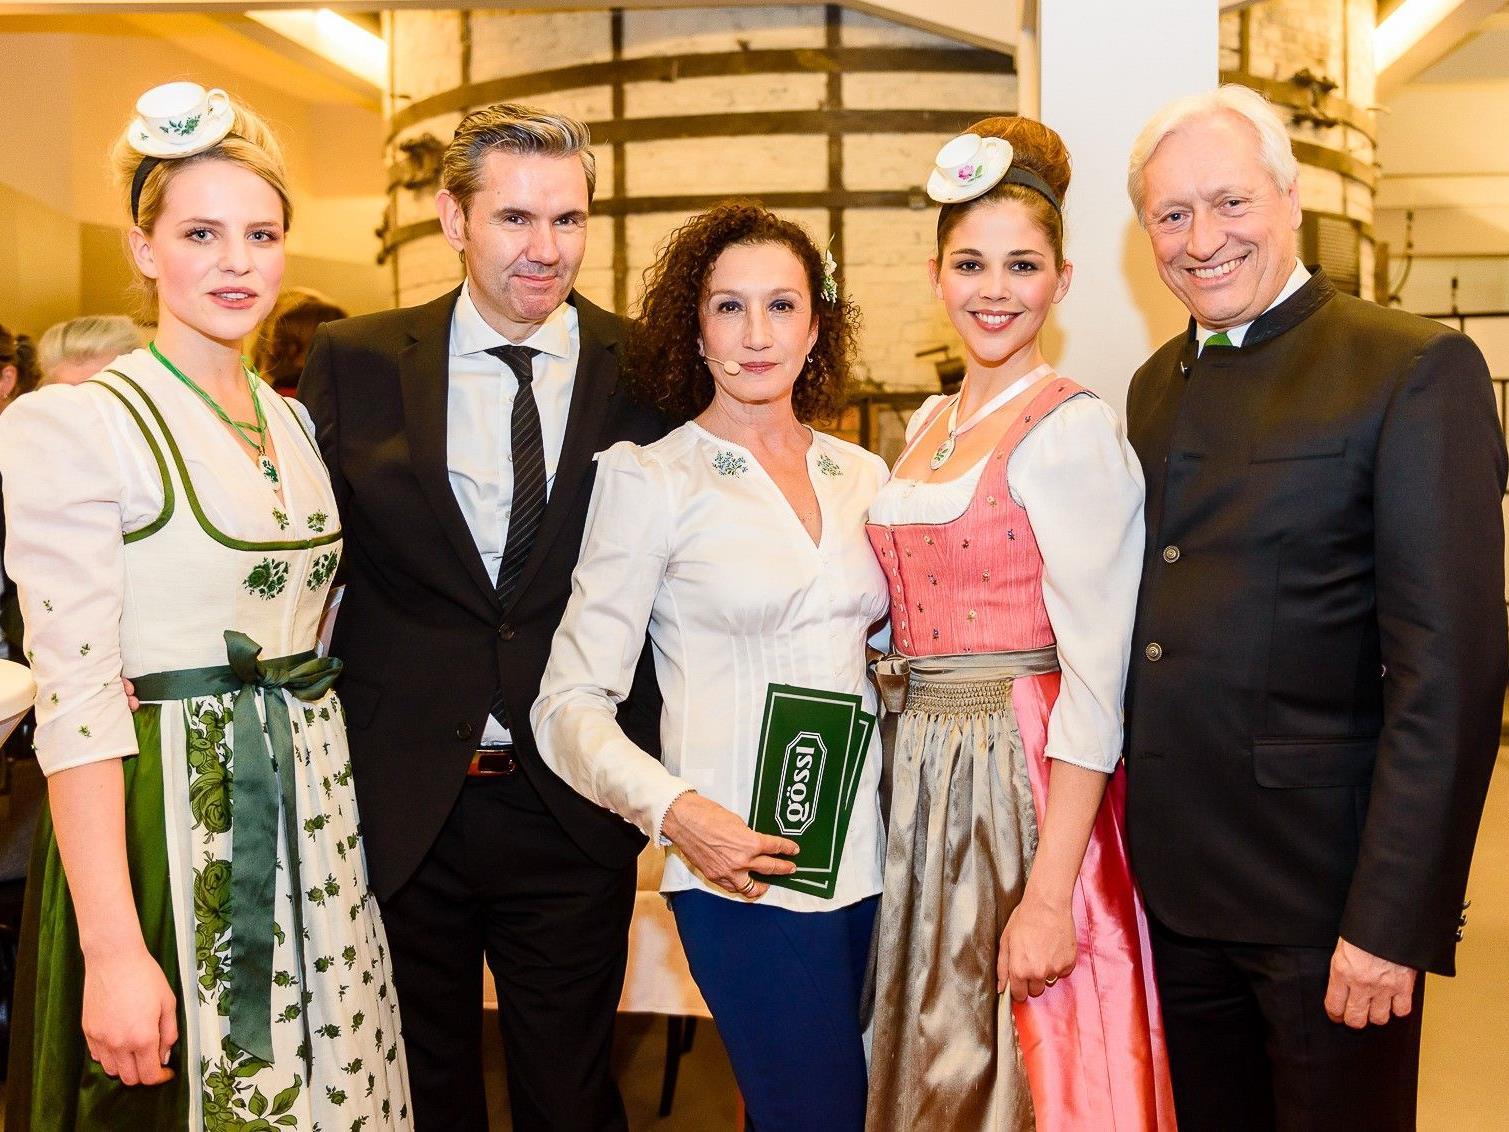 Model mit Gössl Augarten Kollektion (Maria Theresia), GF Mag. Thomas König (Porzellan-Manufaktur Augarten), Konstanze Breitebner, Model mit Gössl Augarten Kollektion (Gar nicht bieder), GF Mag. Gerhard Gössl (Gössl)